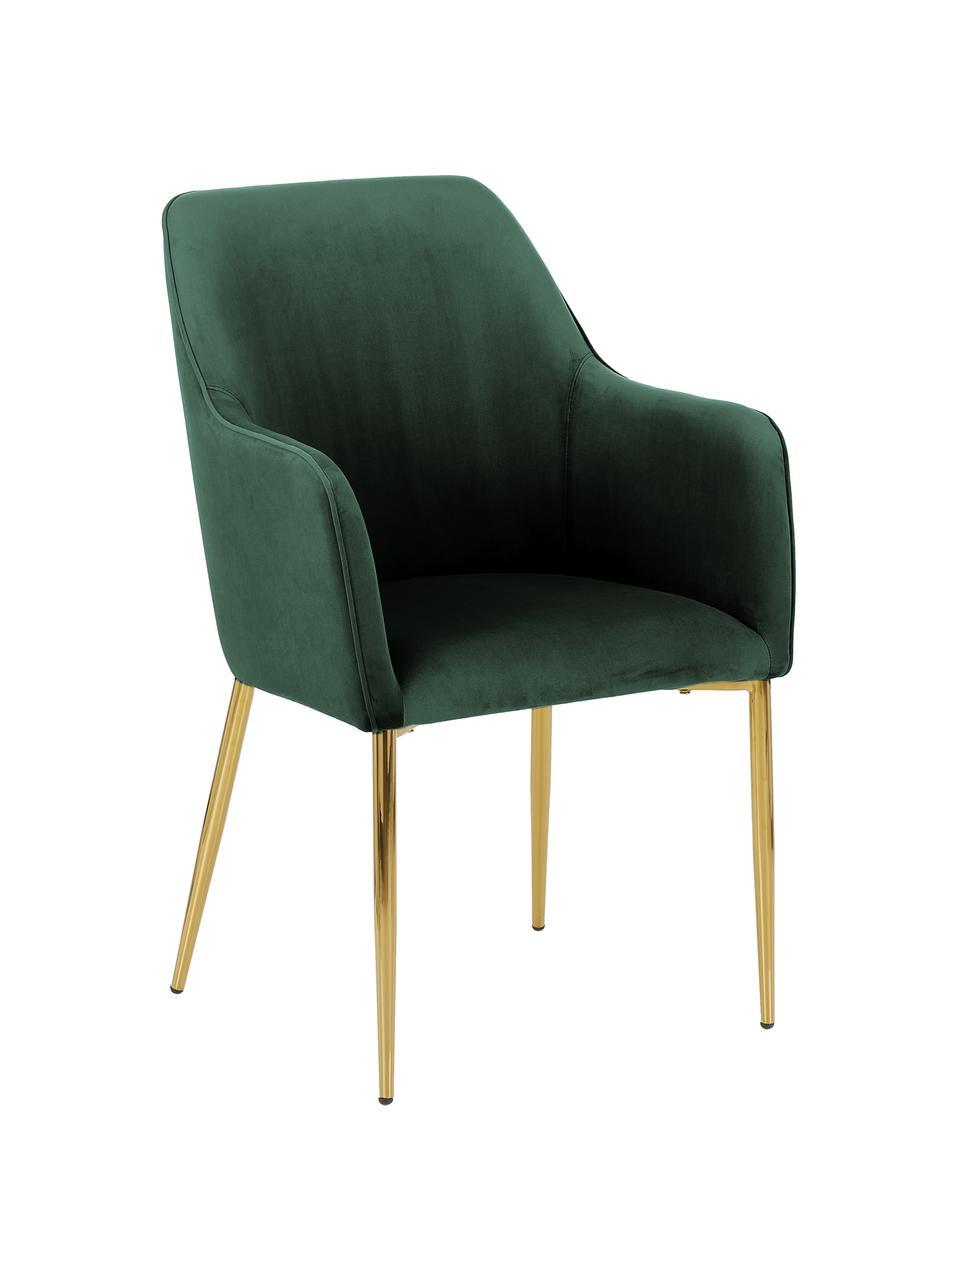 Chaise en velours vert pieds dorés Ava, Vert foncé